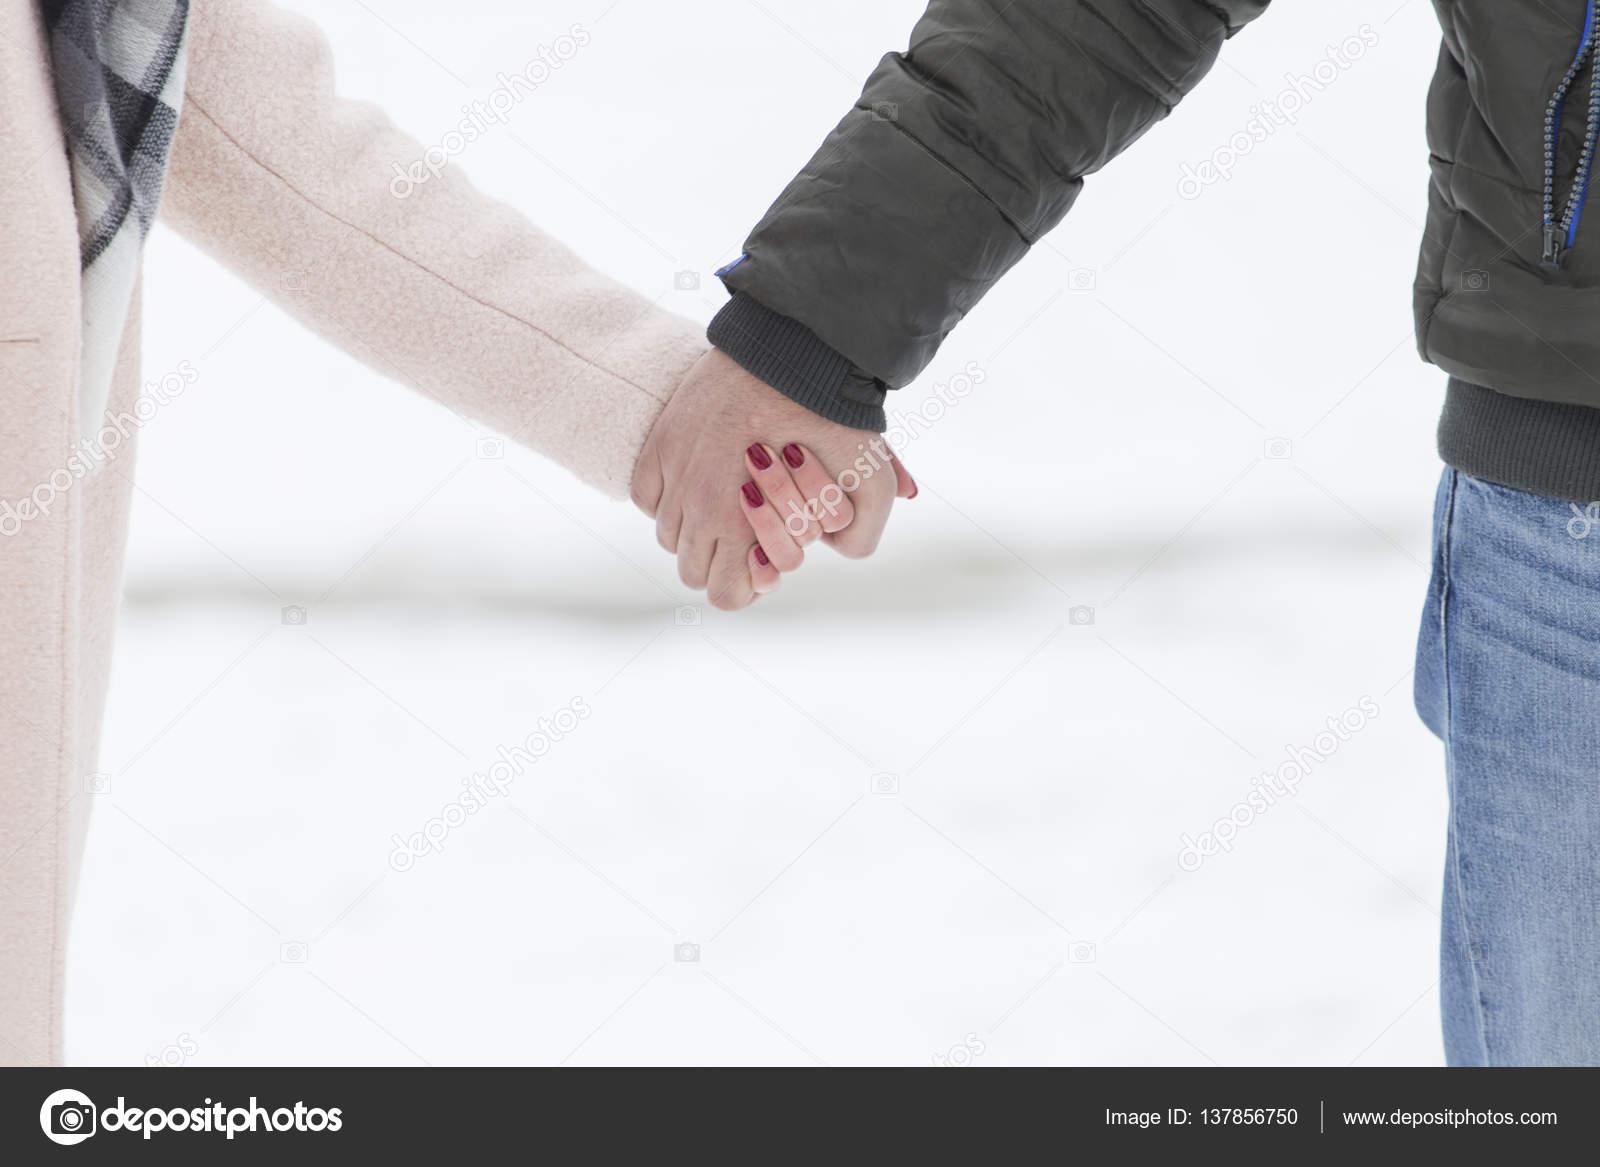 paar hand in hand gehen auf schnee stockfoto nikodash 137856750. Black Bedroom Furniture Sets. Home Design Ideas